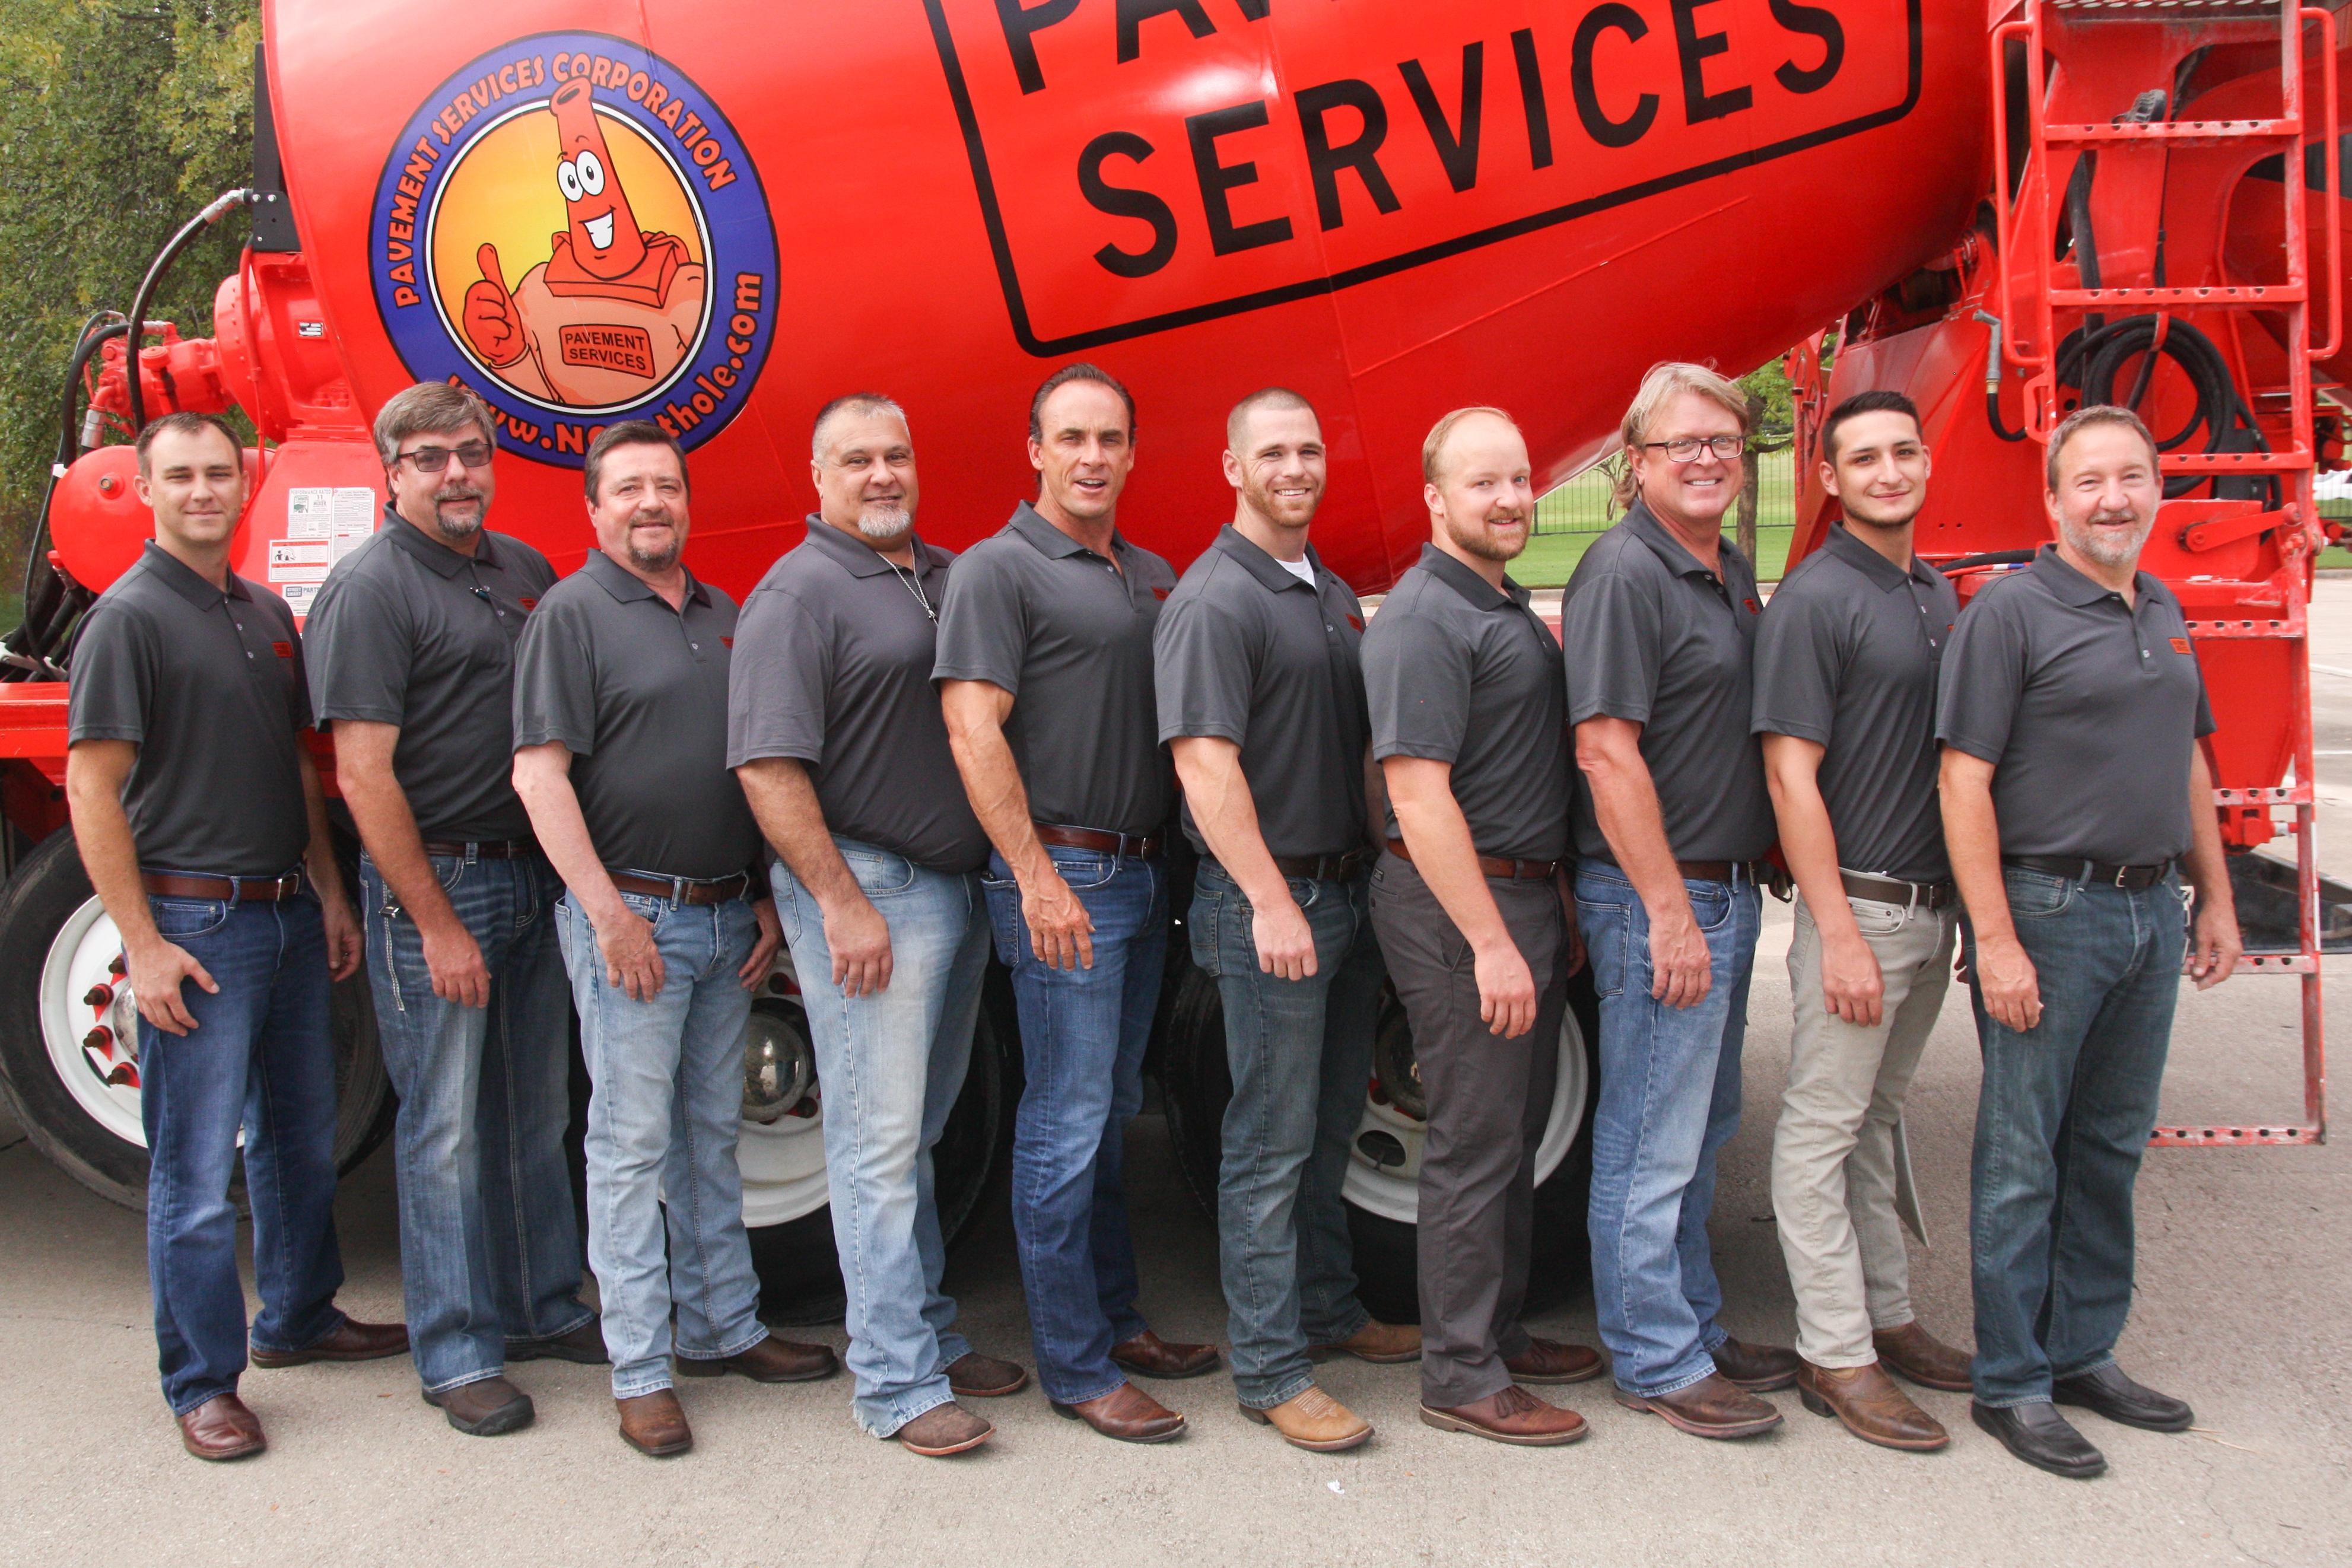 Pavement Services Corporation - Houston, TX